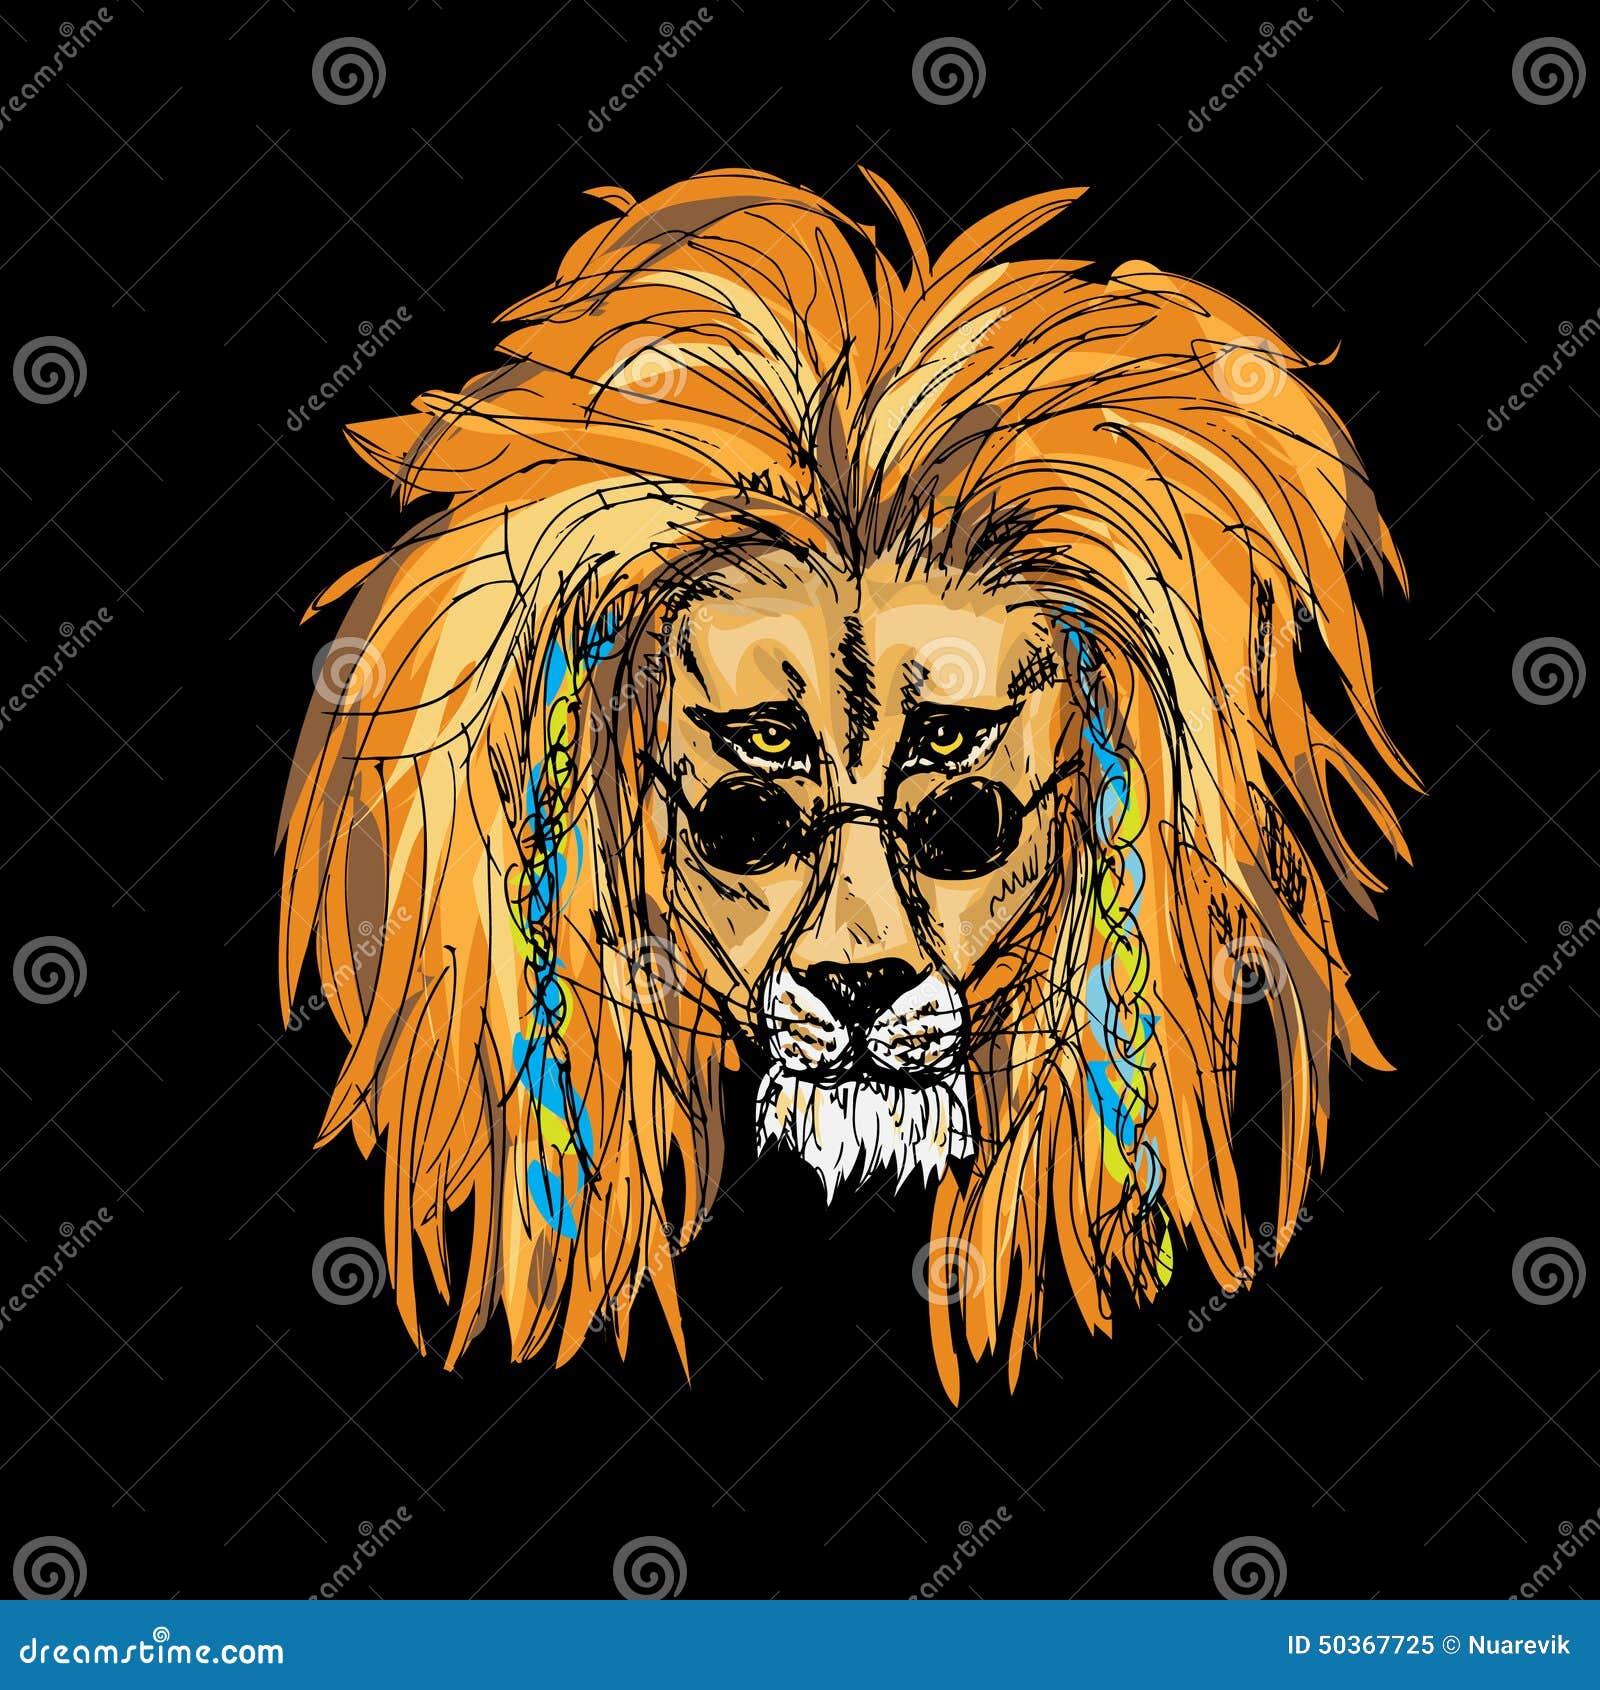 background black color hipster lion